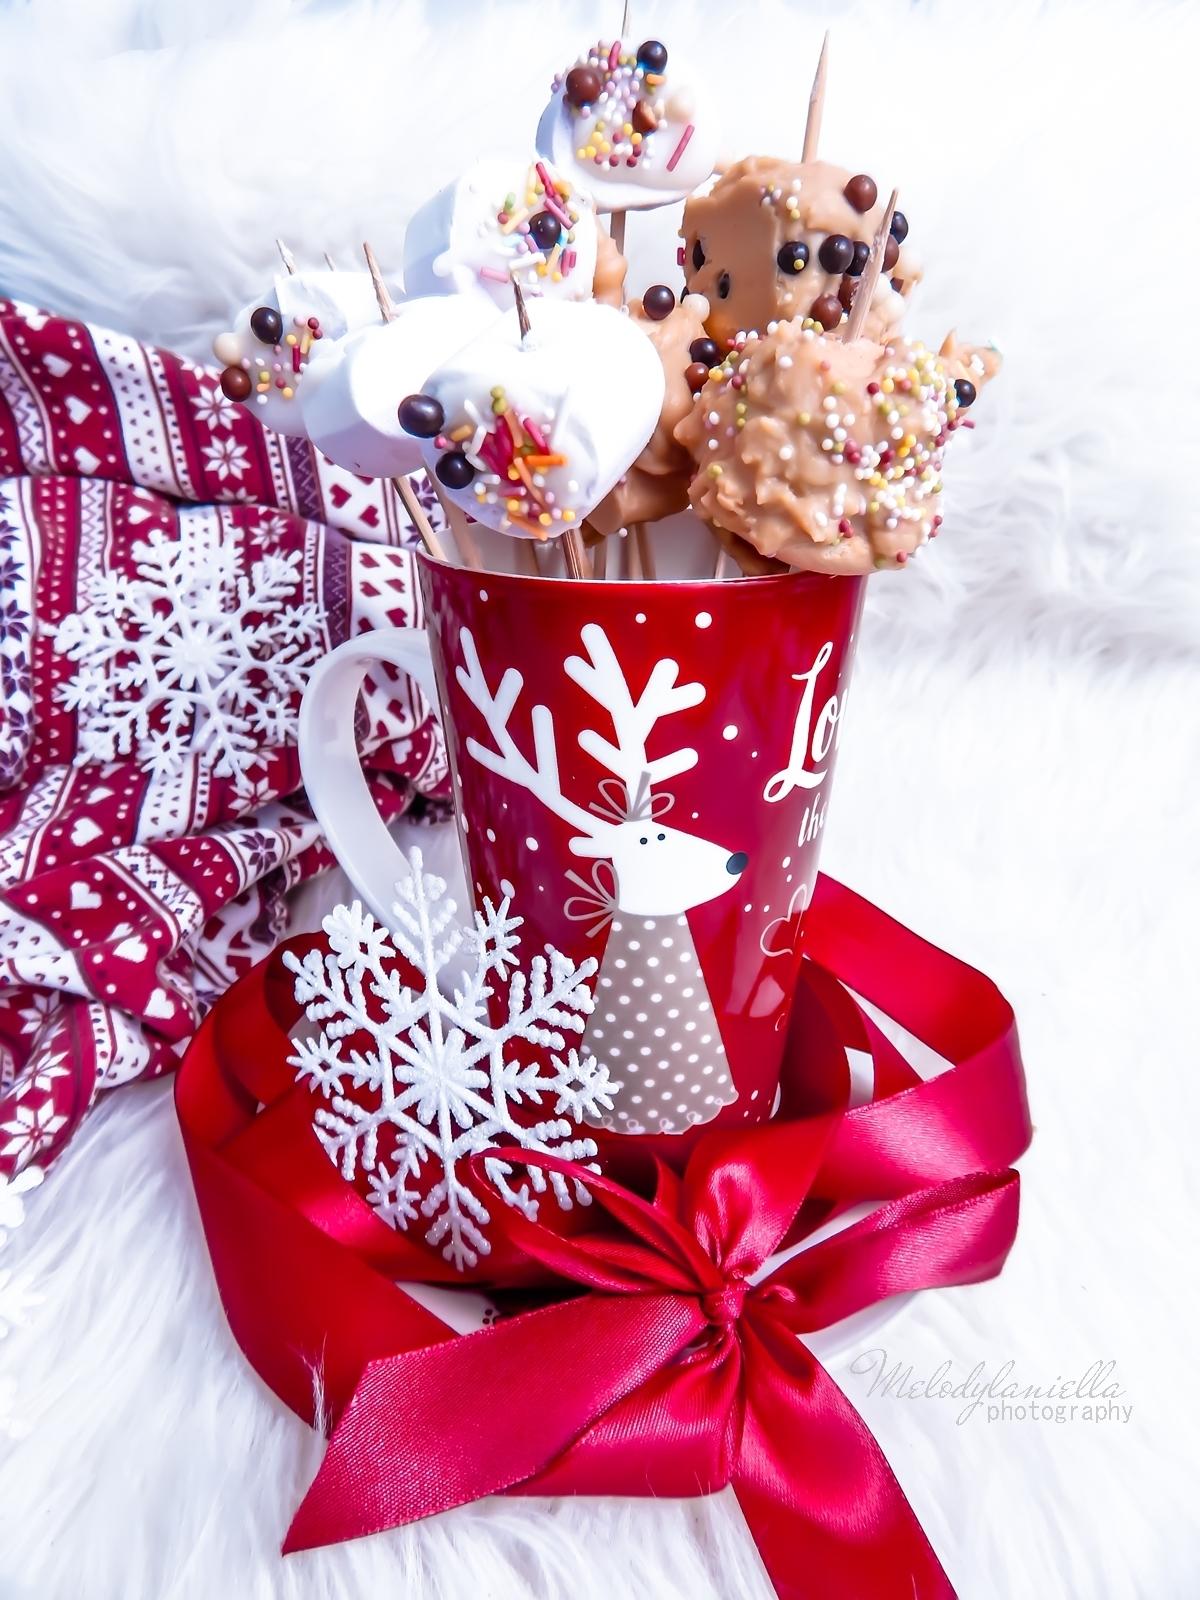 7 szybkie przekąski z pianek jojo, czekolady, banana, swiateczne przysmaki na wykalaczkach efektowne słodycze na Boze Narodzenie zimowe slodkosci melodylaniella